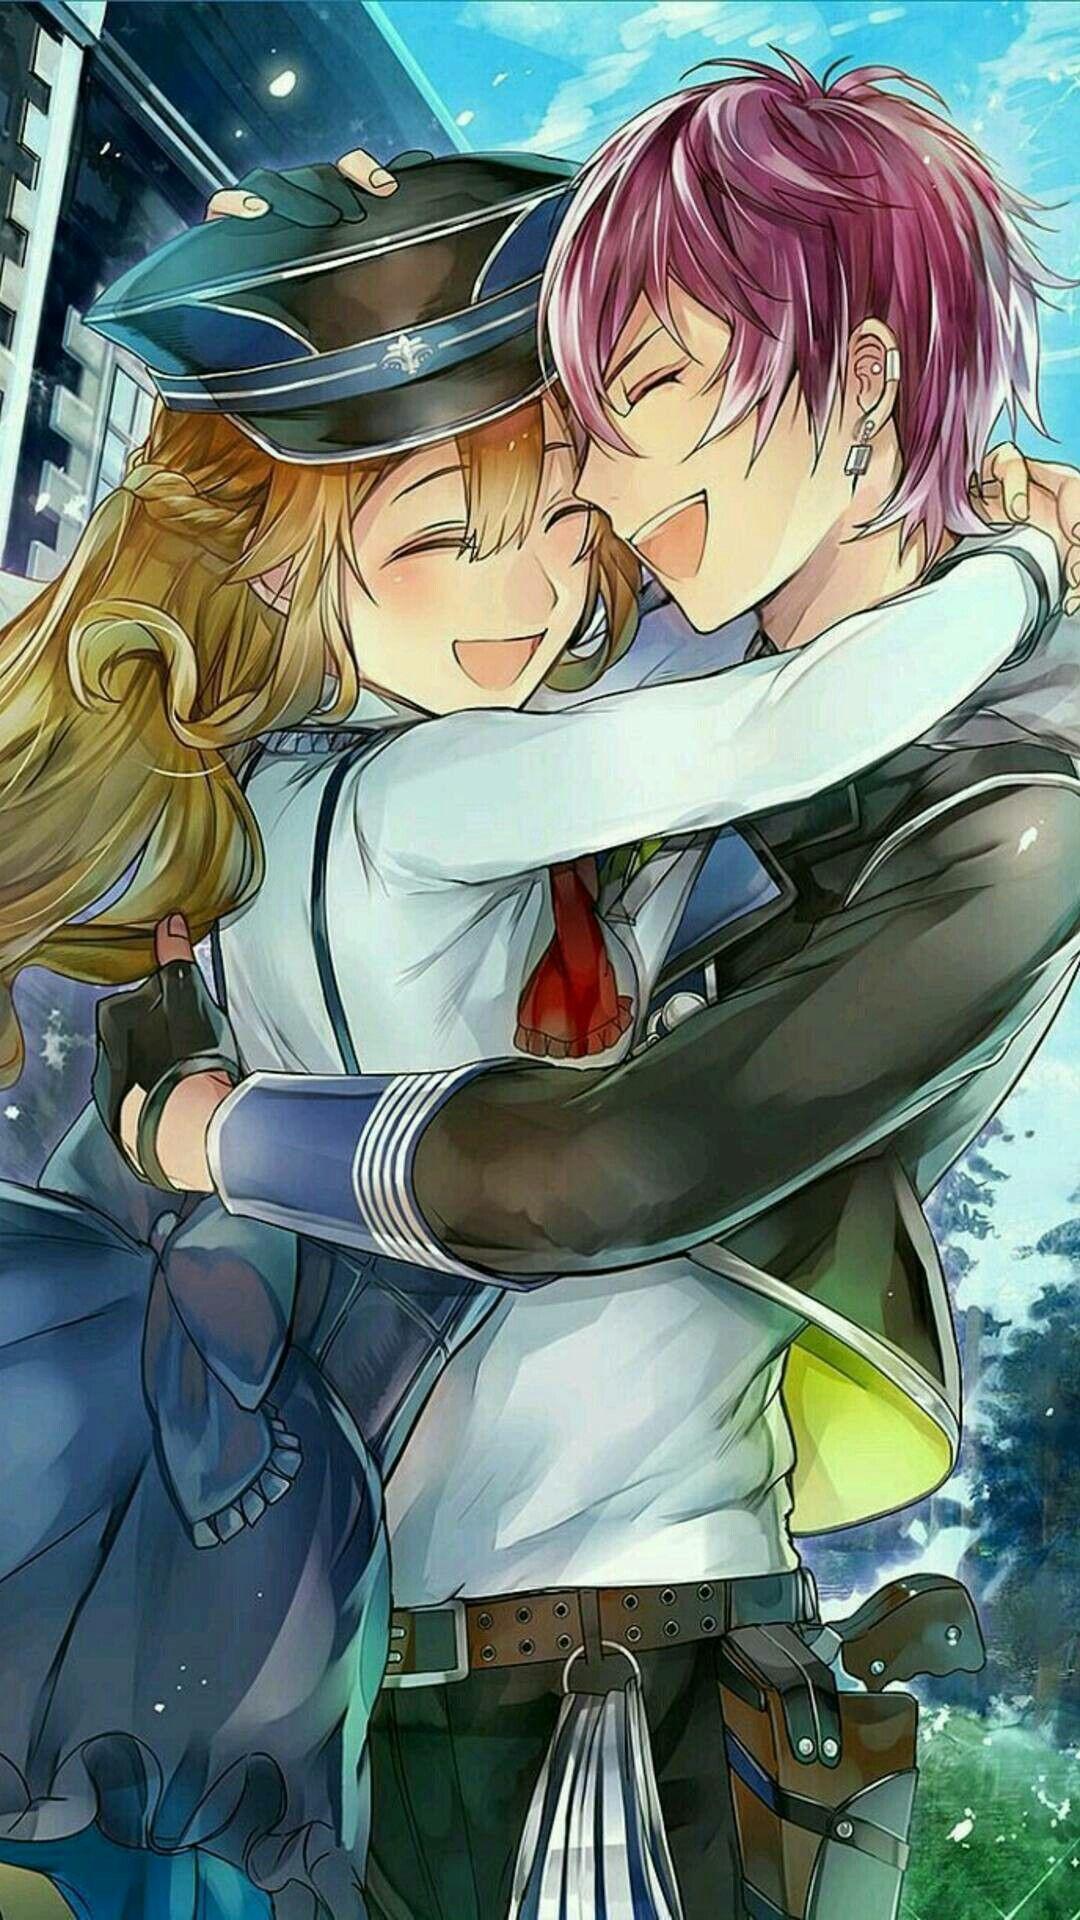 愛戀篇 · happily ever after Anime romance, Cartoons love